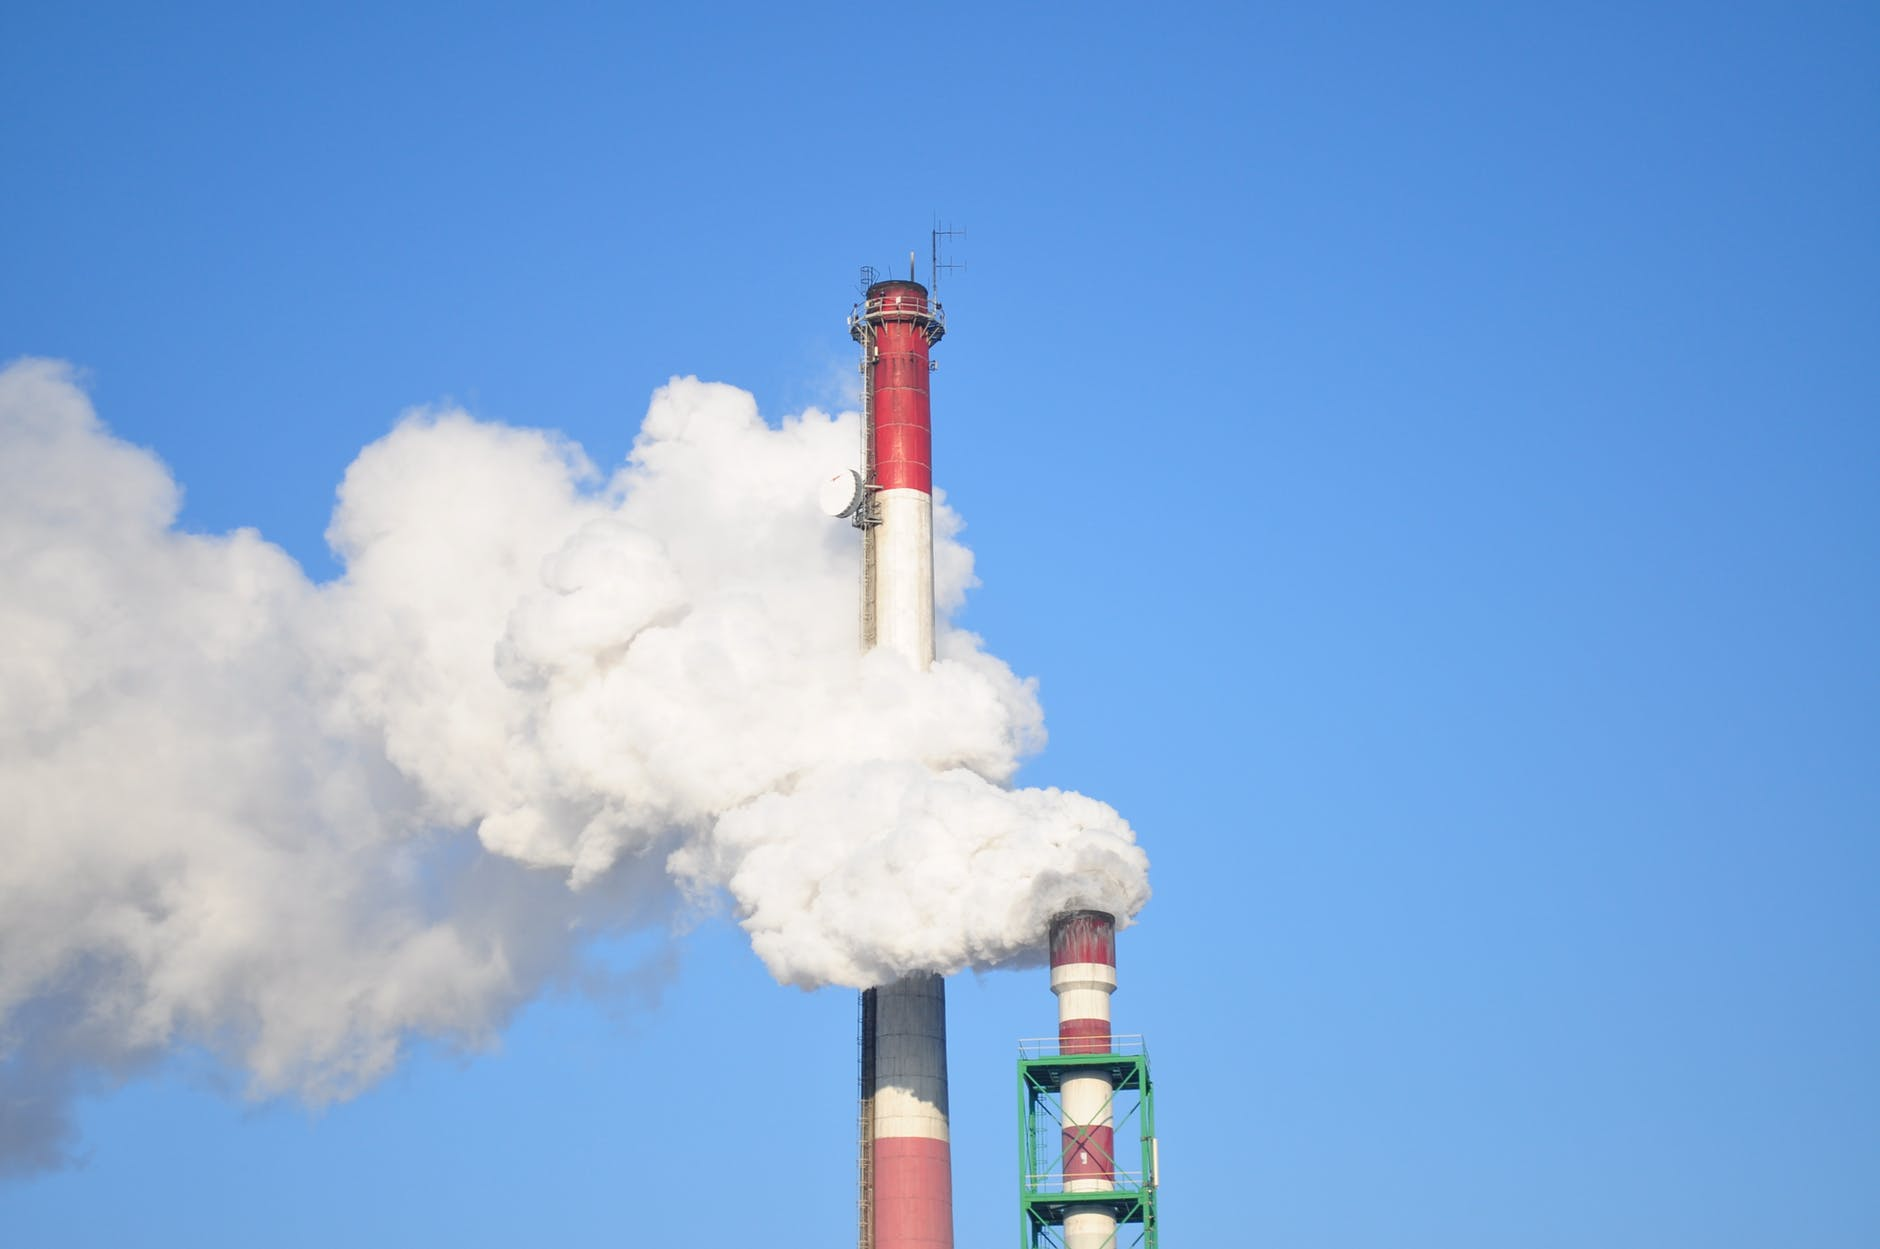 Le réchauffement climatique, un phénomène mondial menaçant